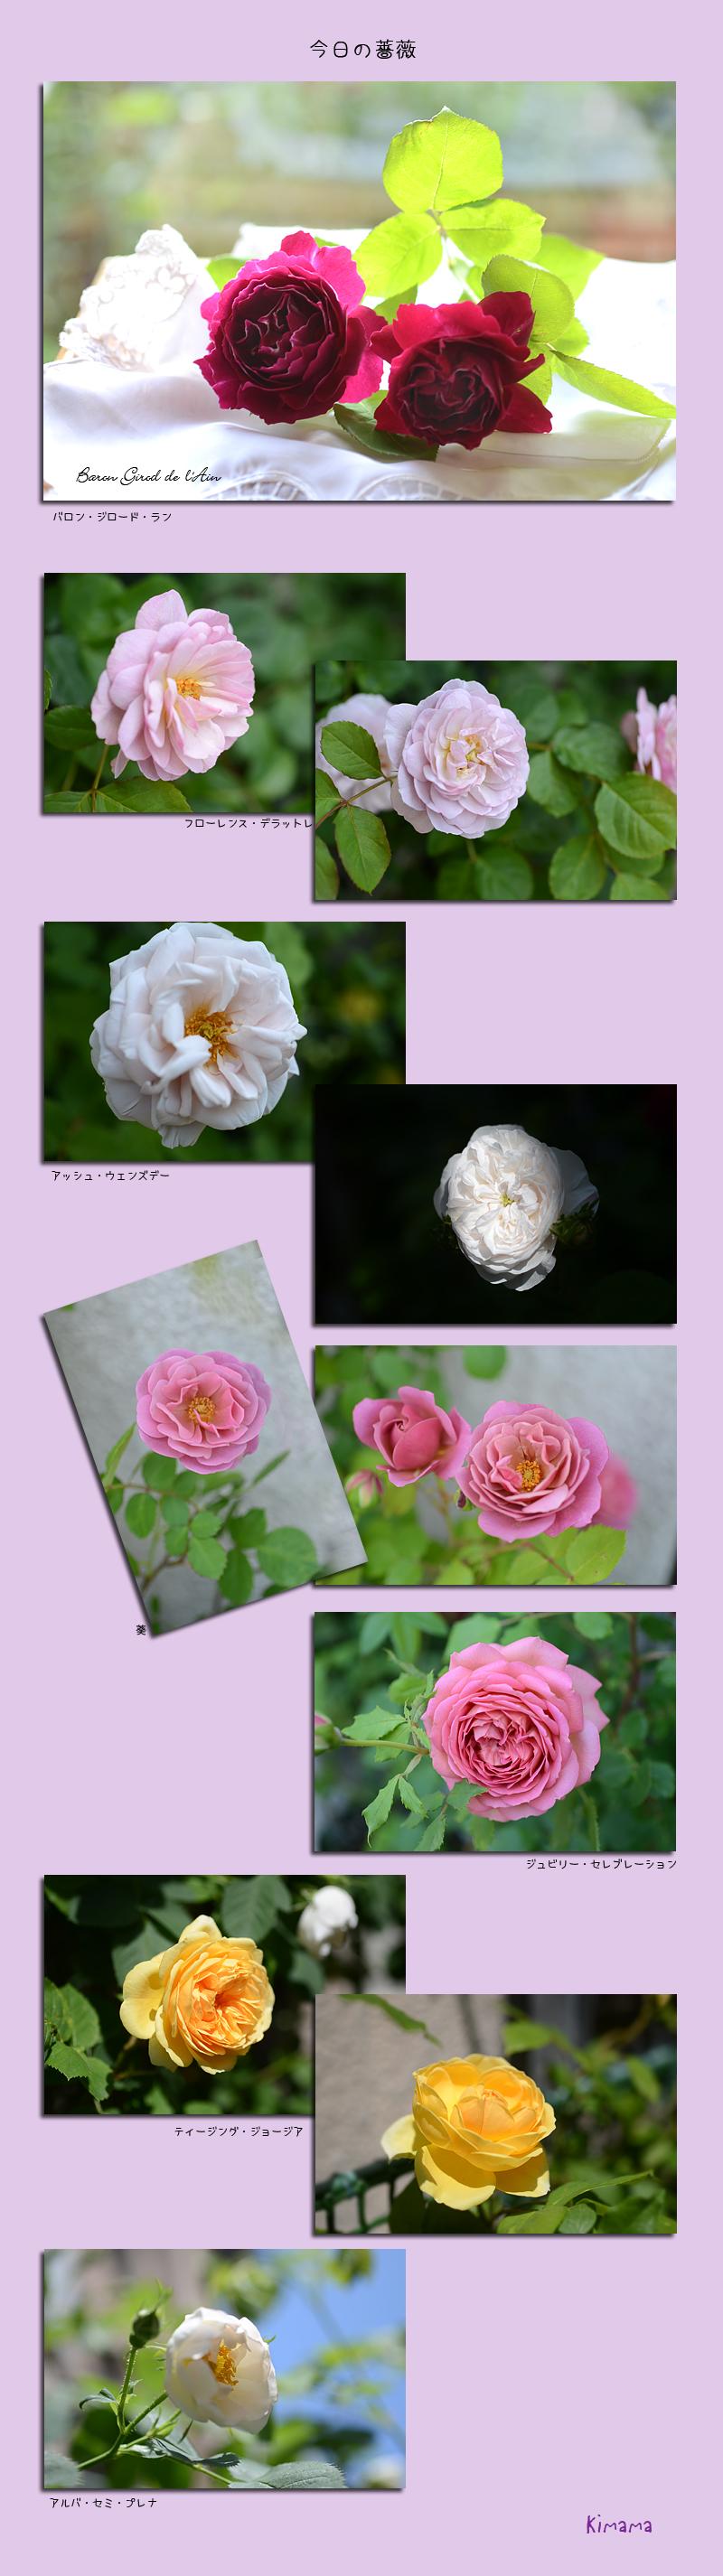 5月11日庭の薔薇